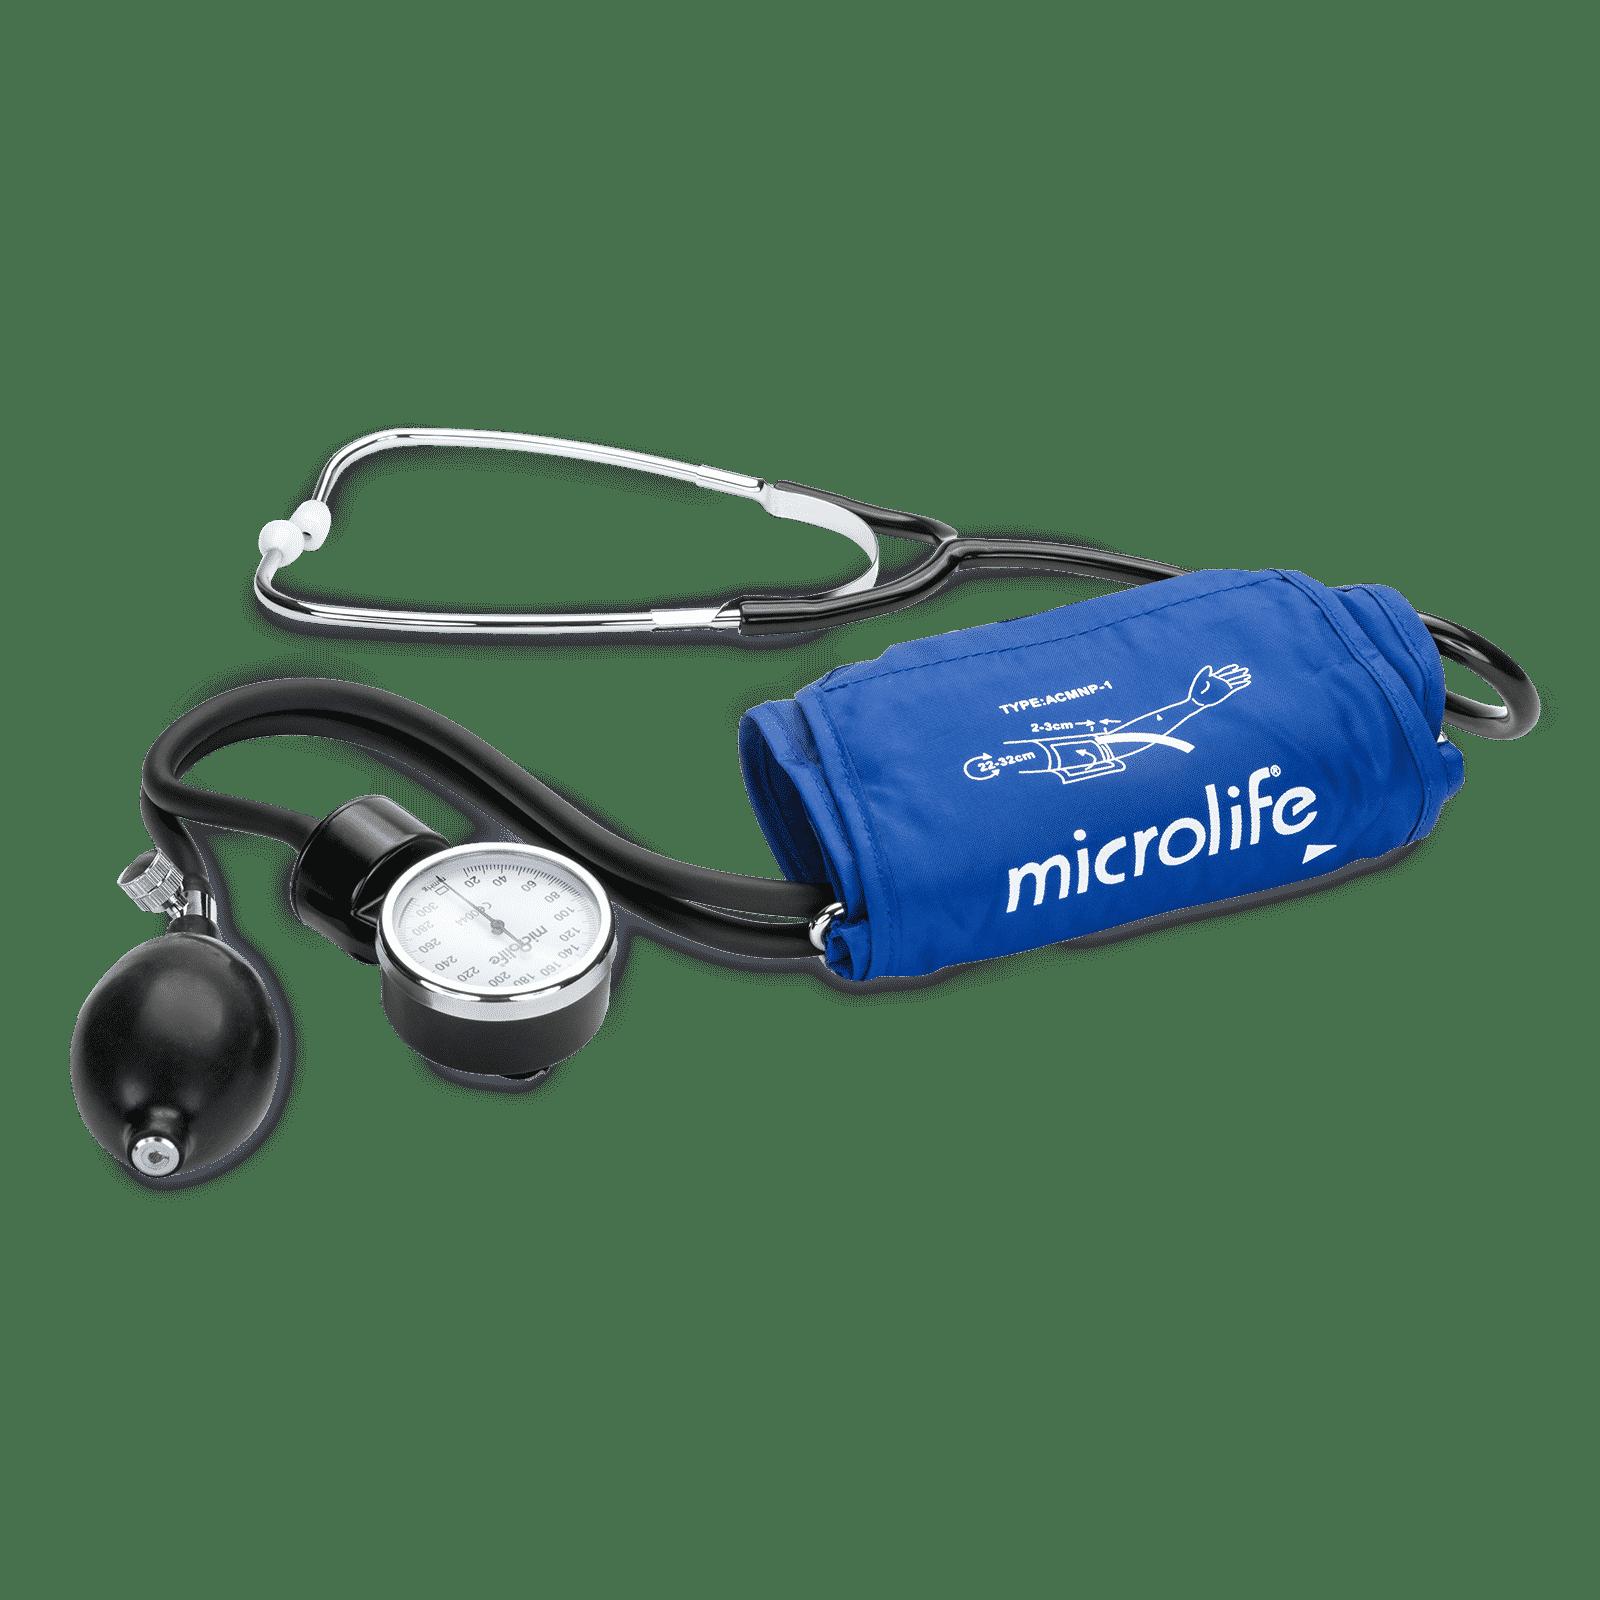 Механічний вимірювач артеріального тиску Microlife BP AG 1-30